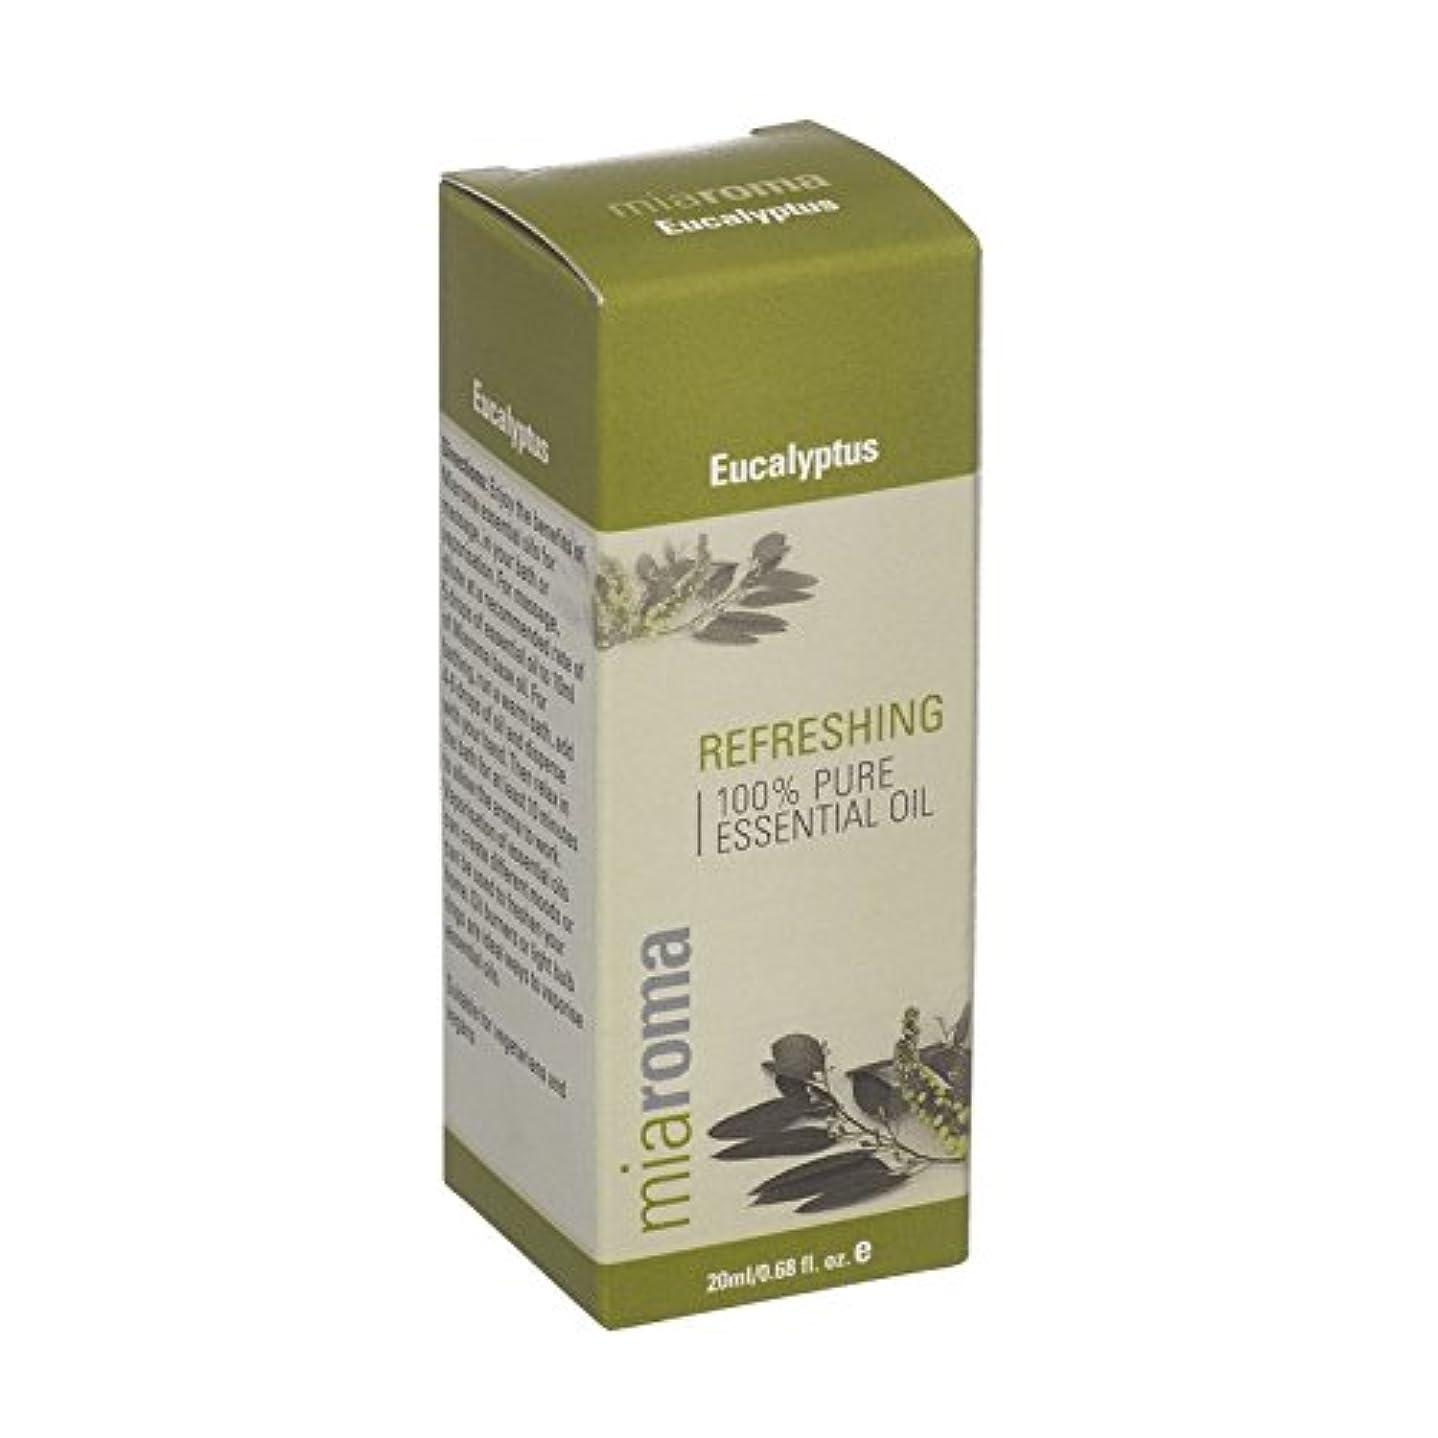 文言誤電話に出るMiaromaのユーカリの純粋な精油 - Miaroma Eucalyptus Pure Essential Oil (Miaroma) [並行輸入品]